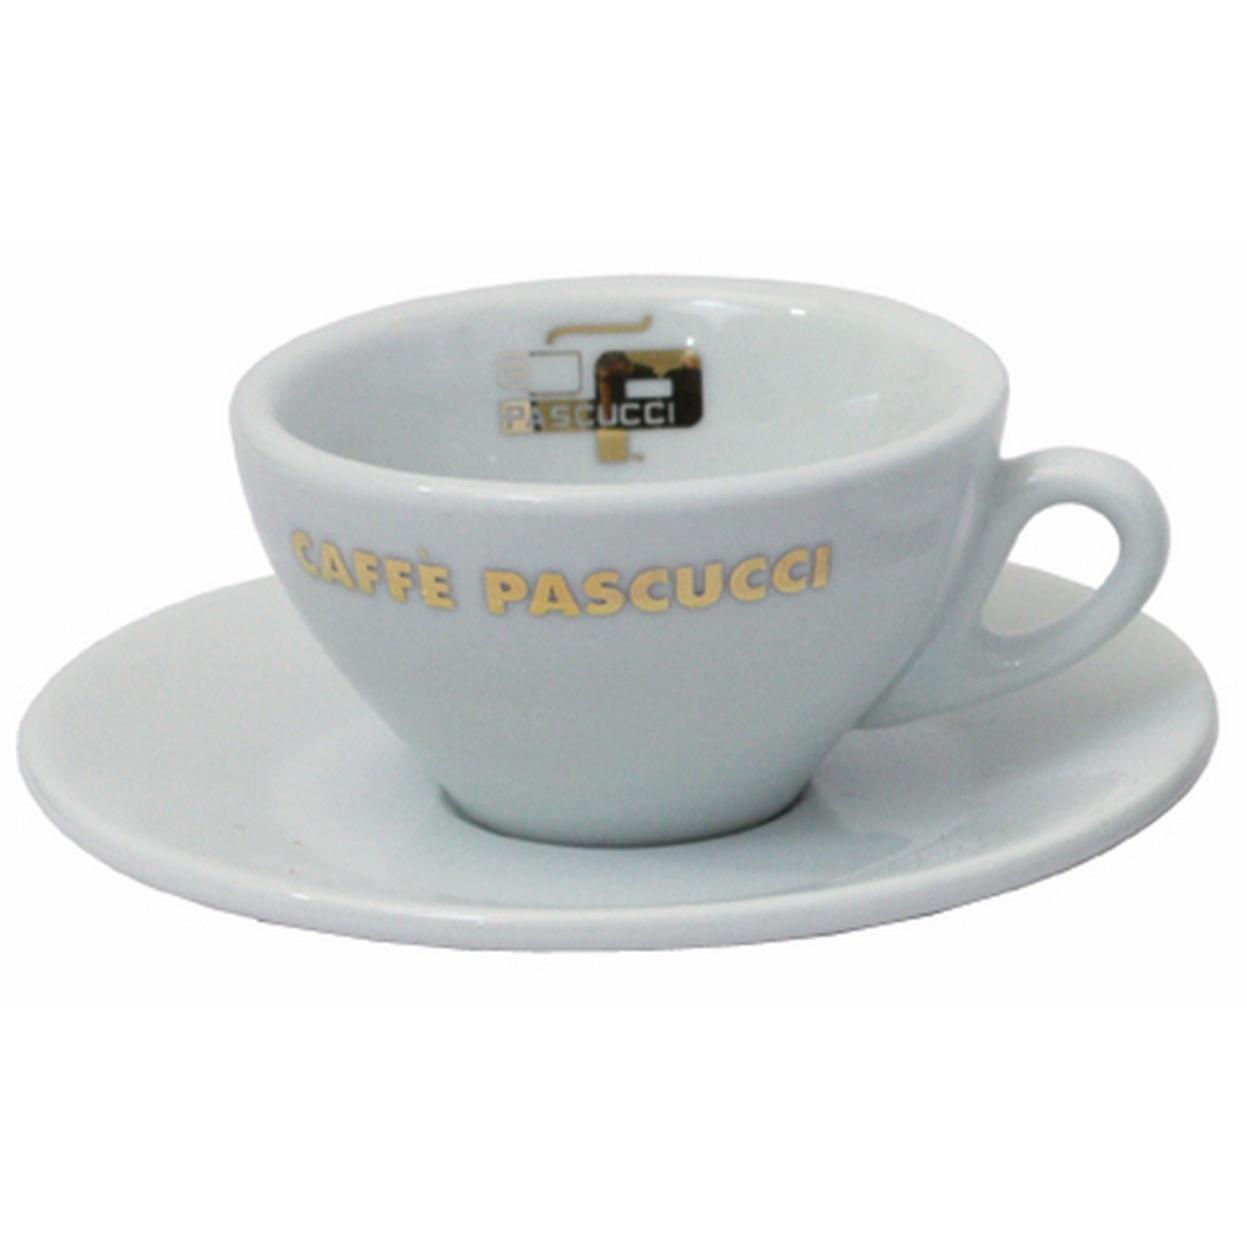 51003 tazza cappuccio 73_res